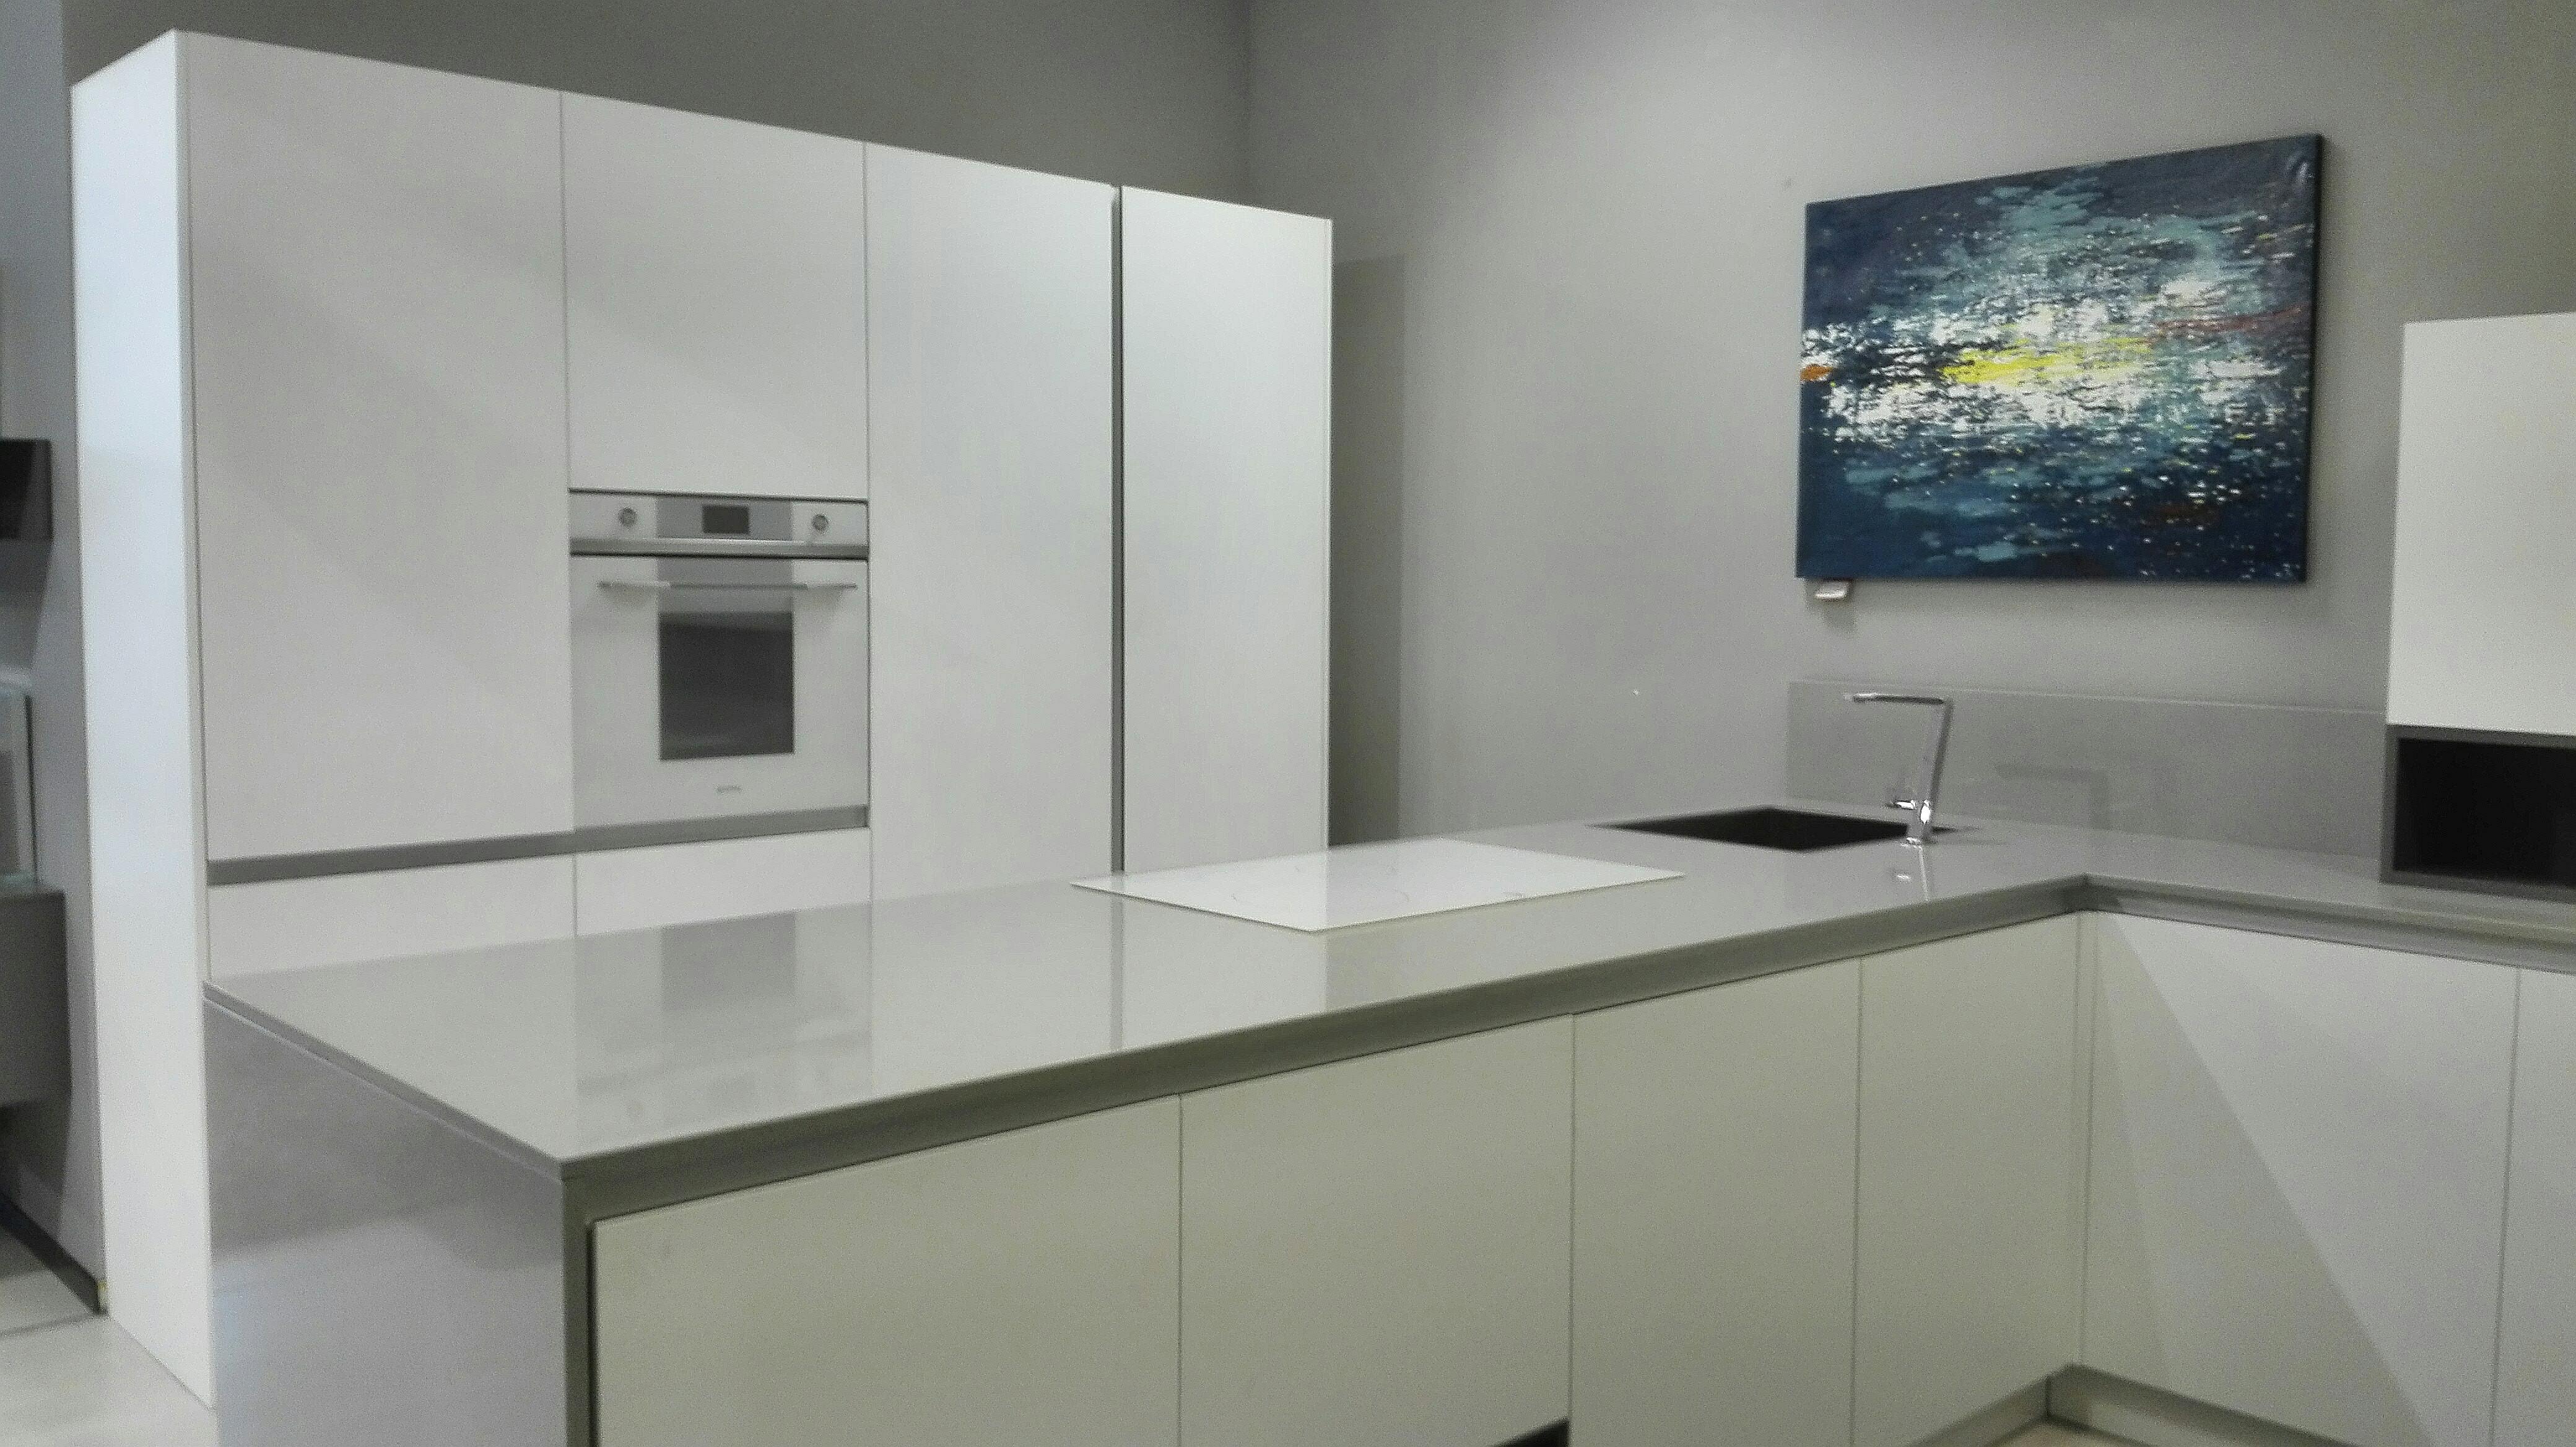 Cucina Kalì by Arreo3 bianco opaco, gole grigio, piano Okite completa di  elettrodomestici